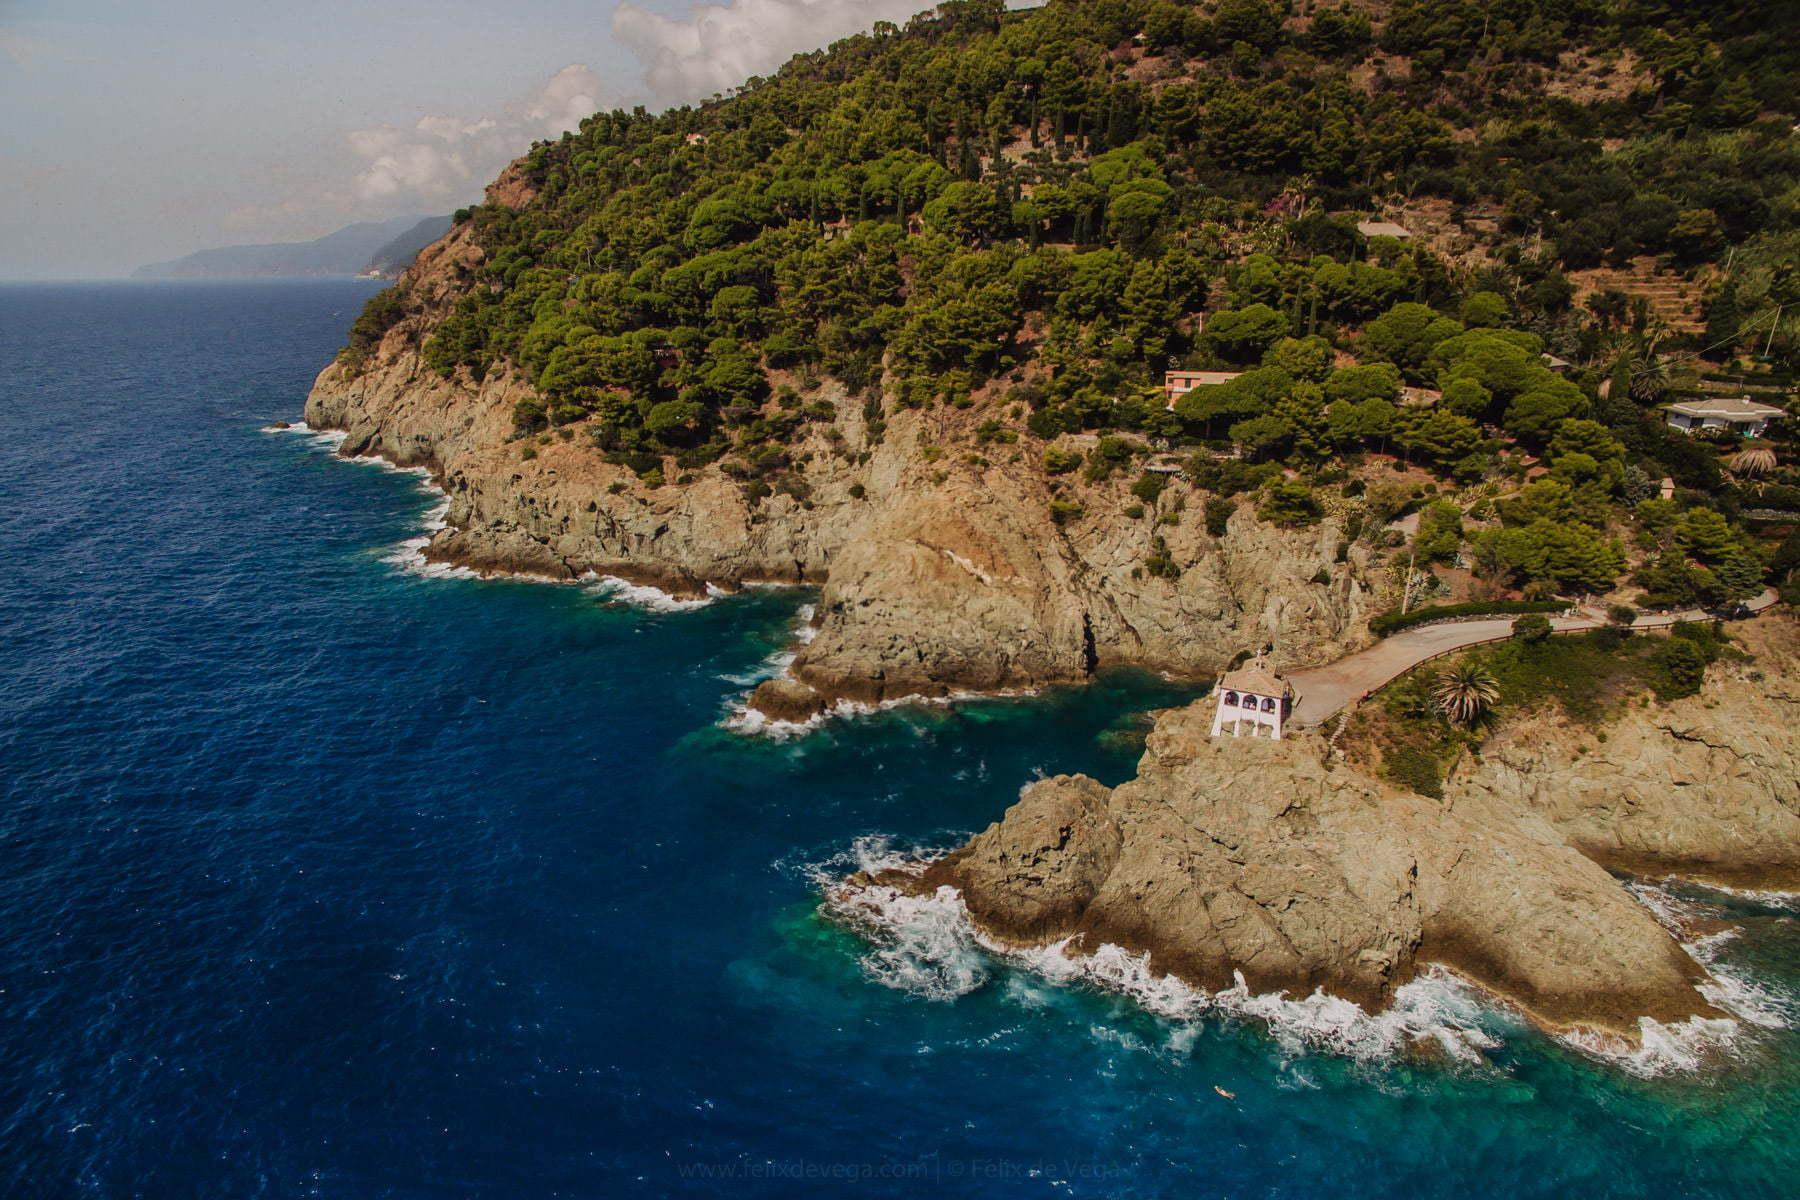 kaplica ślubna na wybrzeżu Cinque Terre